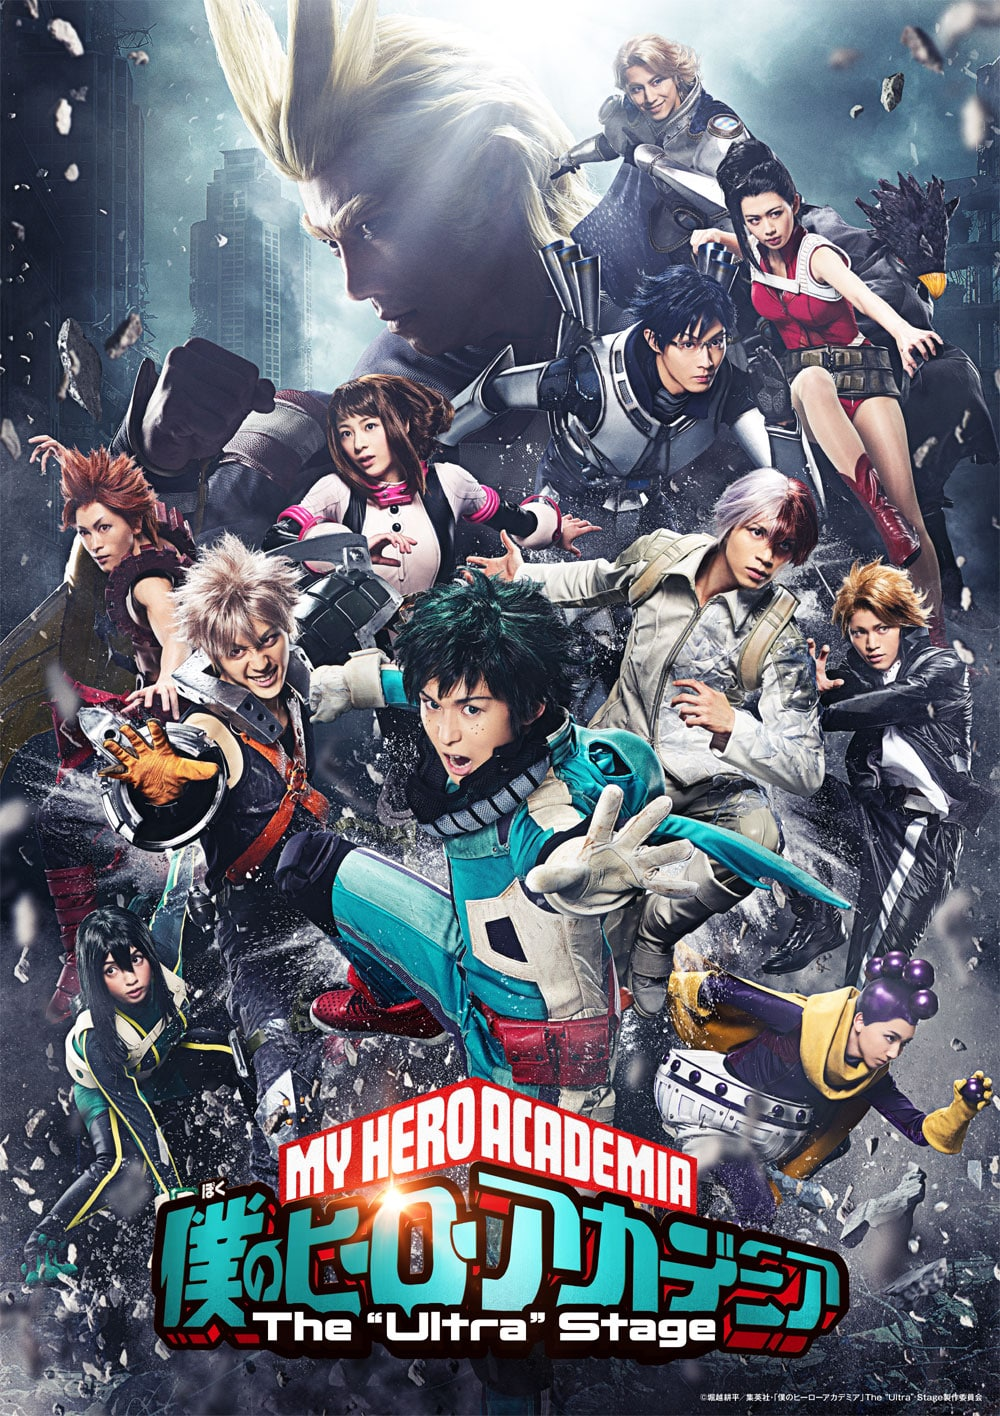 """【会場予約限定特典付】「僕のヒーローアカデミア」 The """"Ultra"""" Stage Blu-ray"""